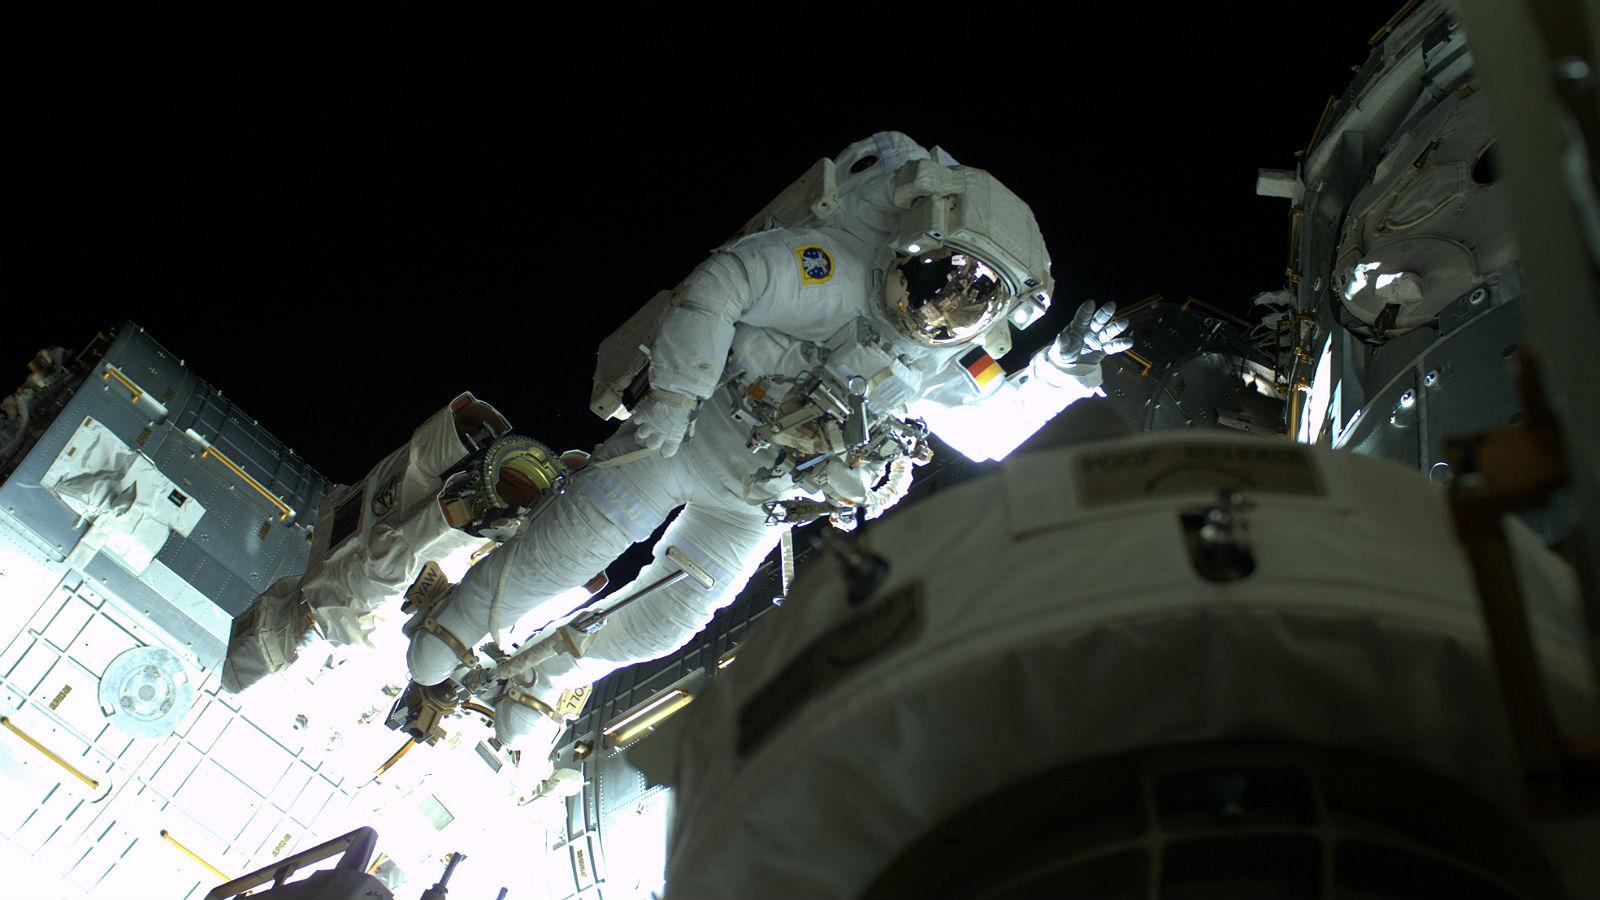 Alex beim Spacewalk. Der Raumanzug ist fast so etwas wie ein kleines Raumschiff – mit Klimaanlage und Luftversorgung und sogar mit einem kleinen Düsenantrieb für den Notfall. Bild: NASA/ESA